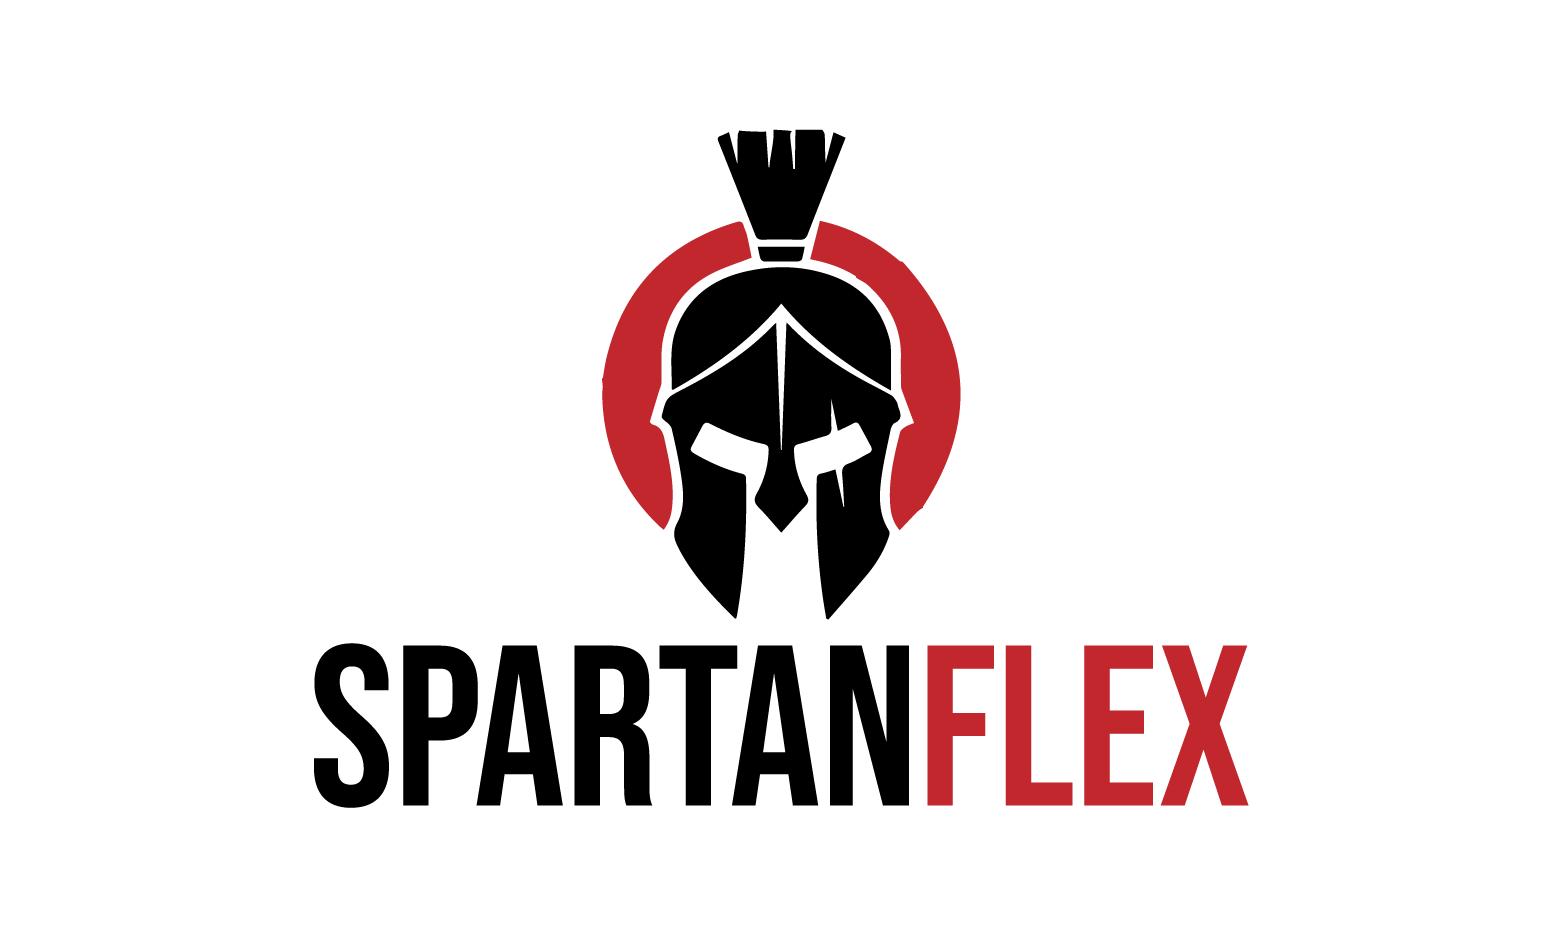 SpartanFlex.com